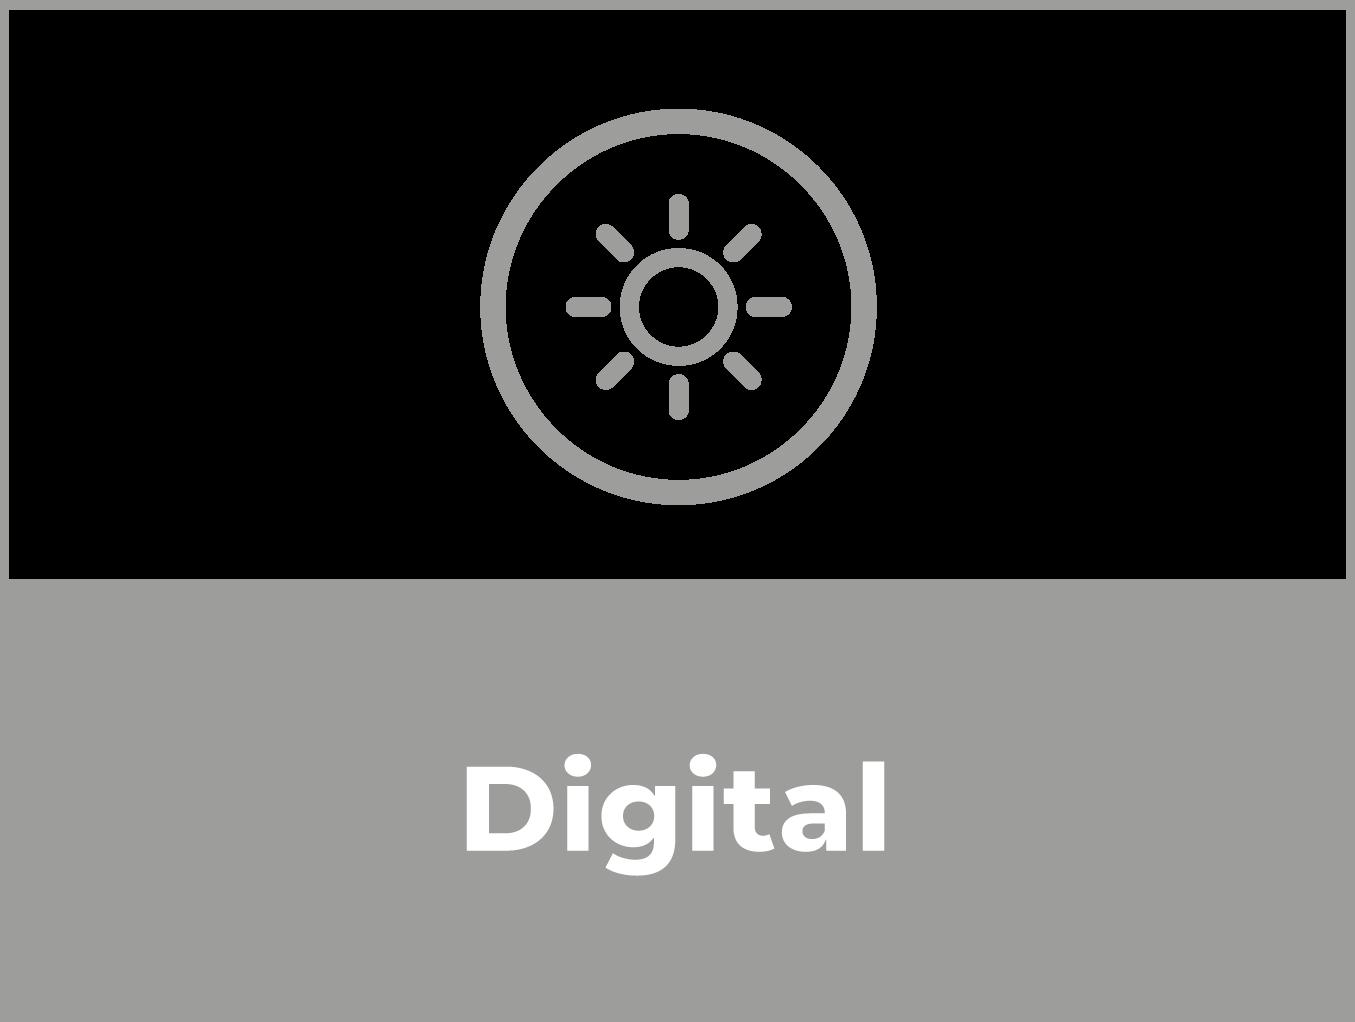 Digital Hover